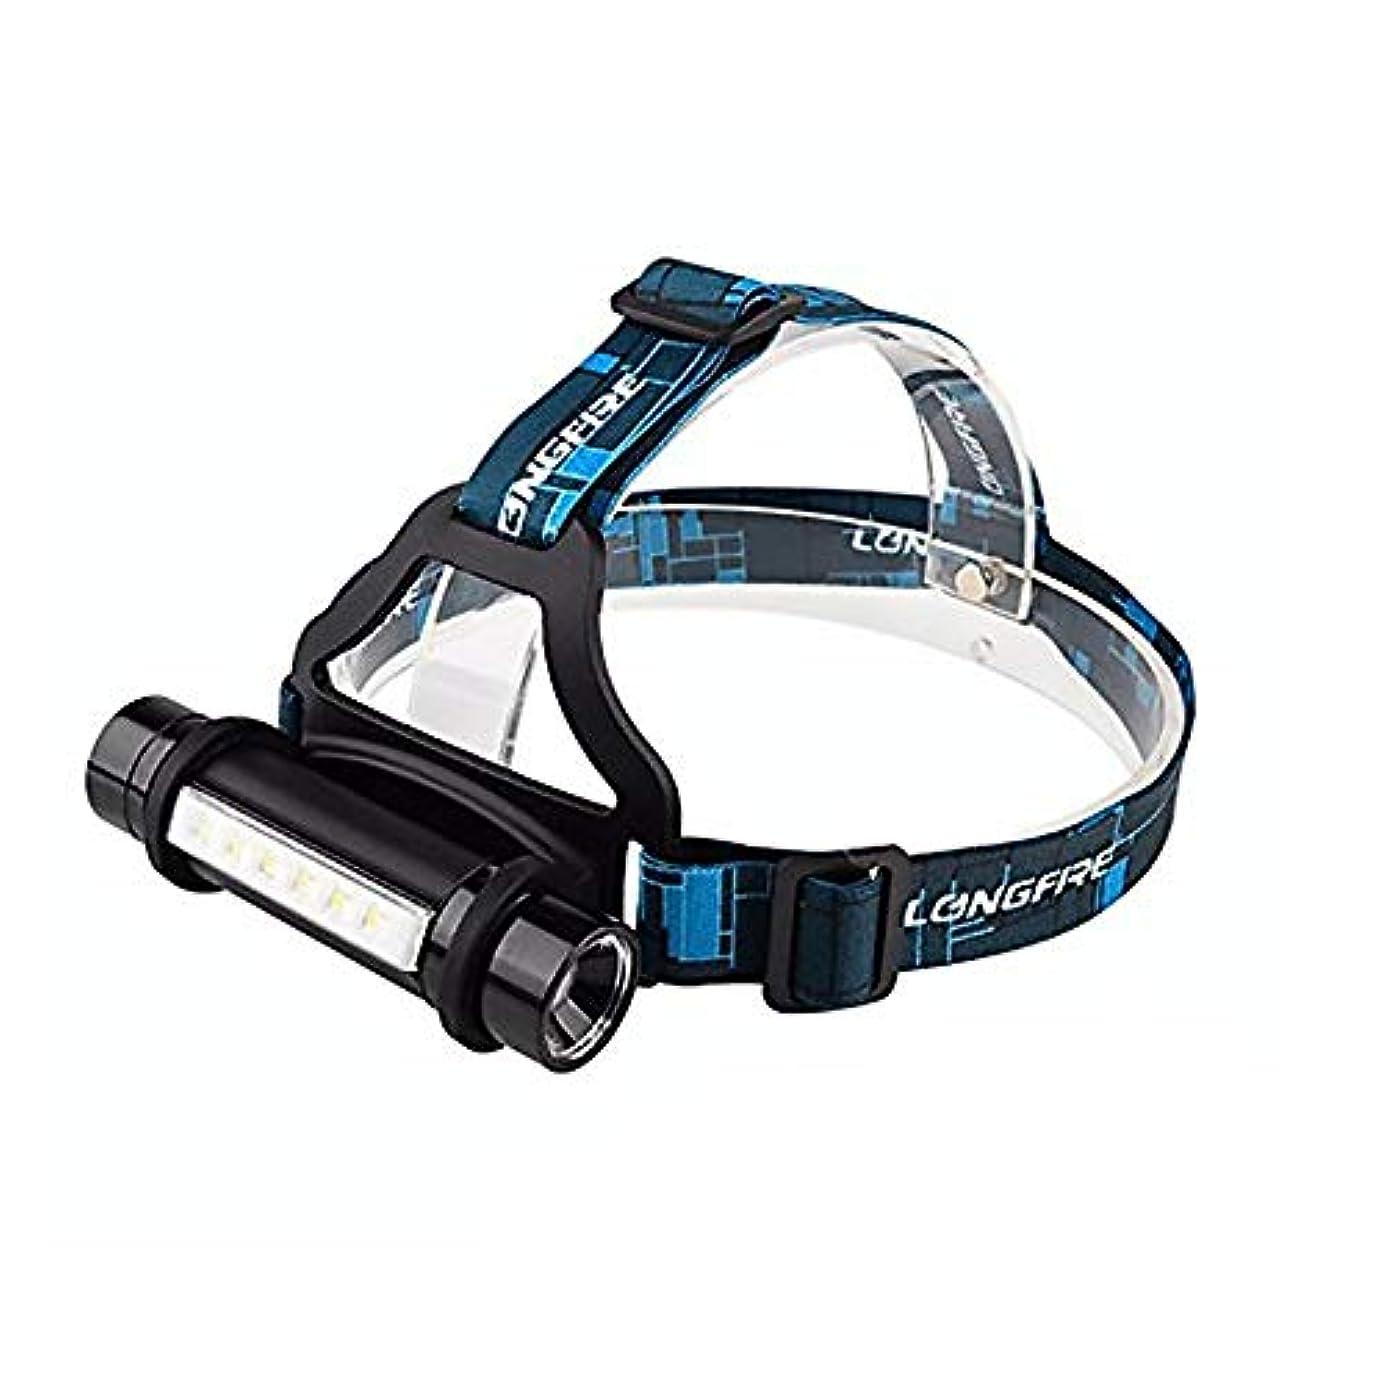 帰るアーサーコナンドイルスマートErosttd LEDヘッドランプ耐久性、防水性、防塵性のヘッドライトはキャンプやハイキングのギアとして機能します